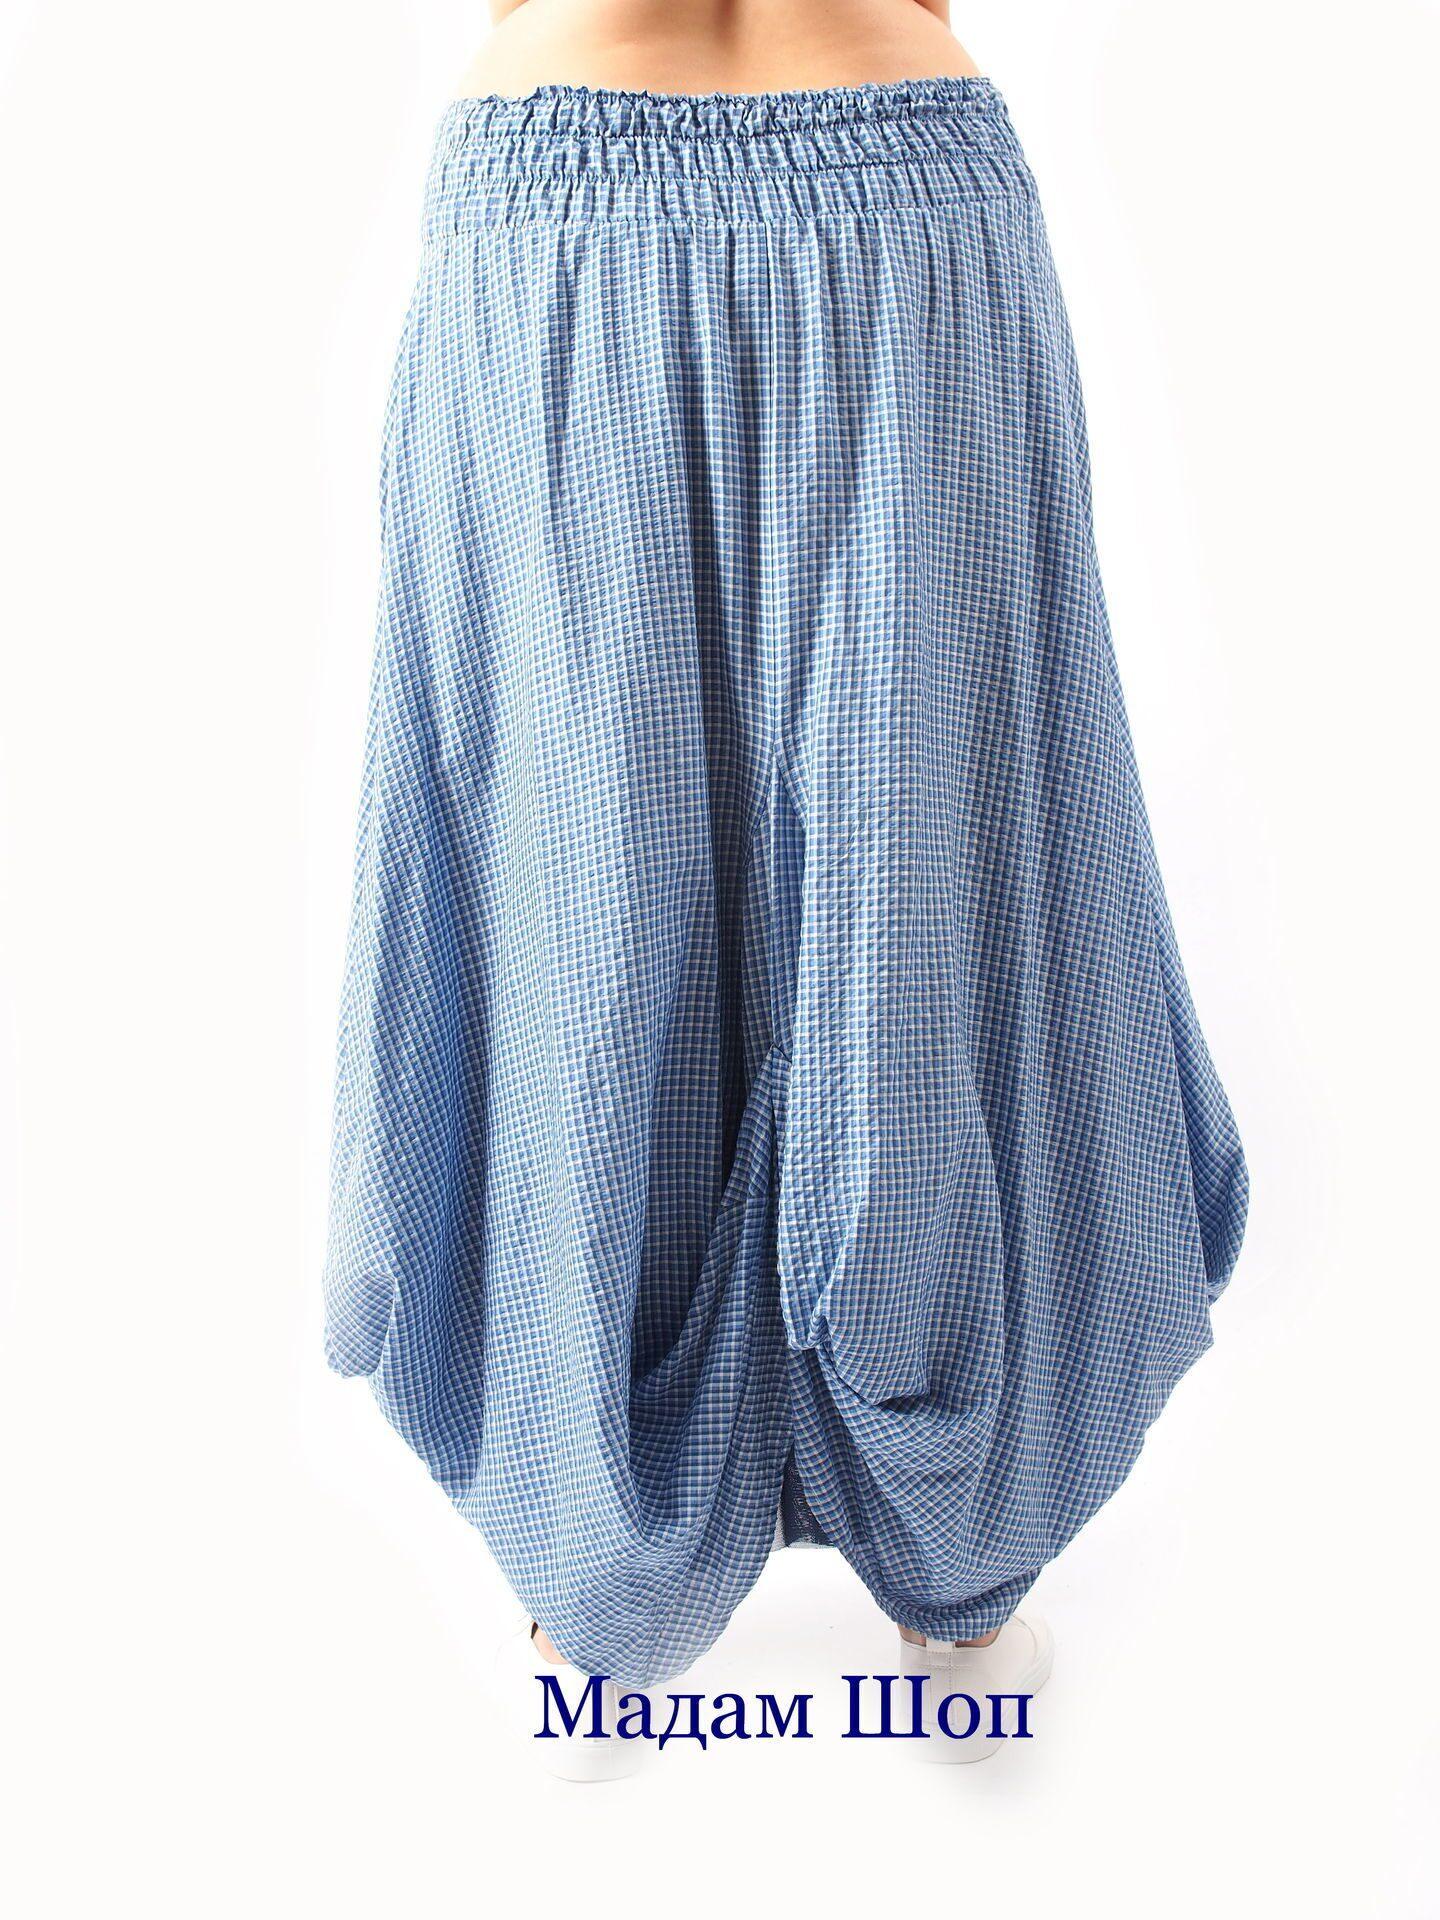 Купить юбку 54 56 размера